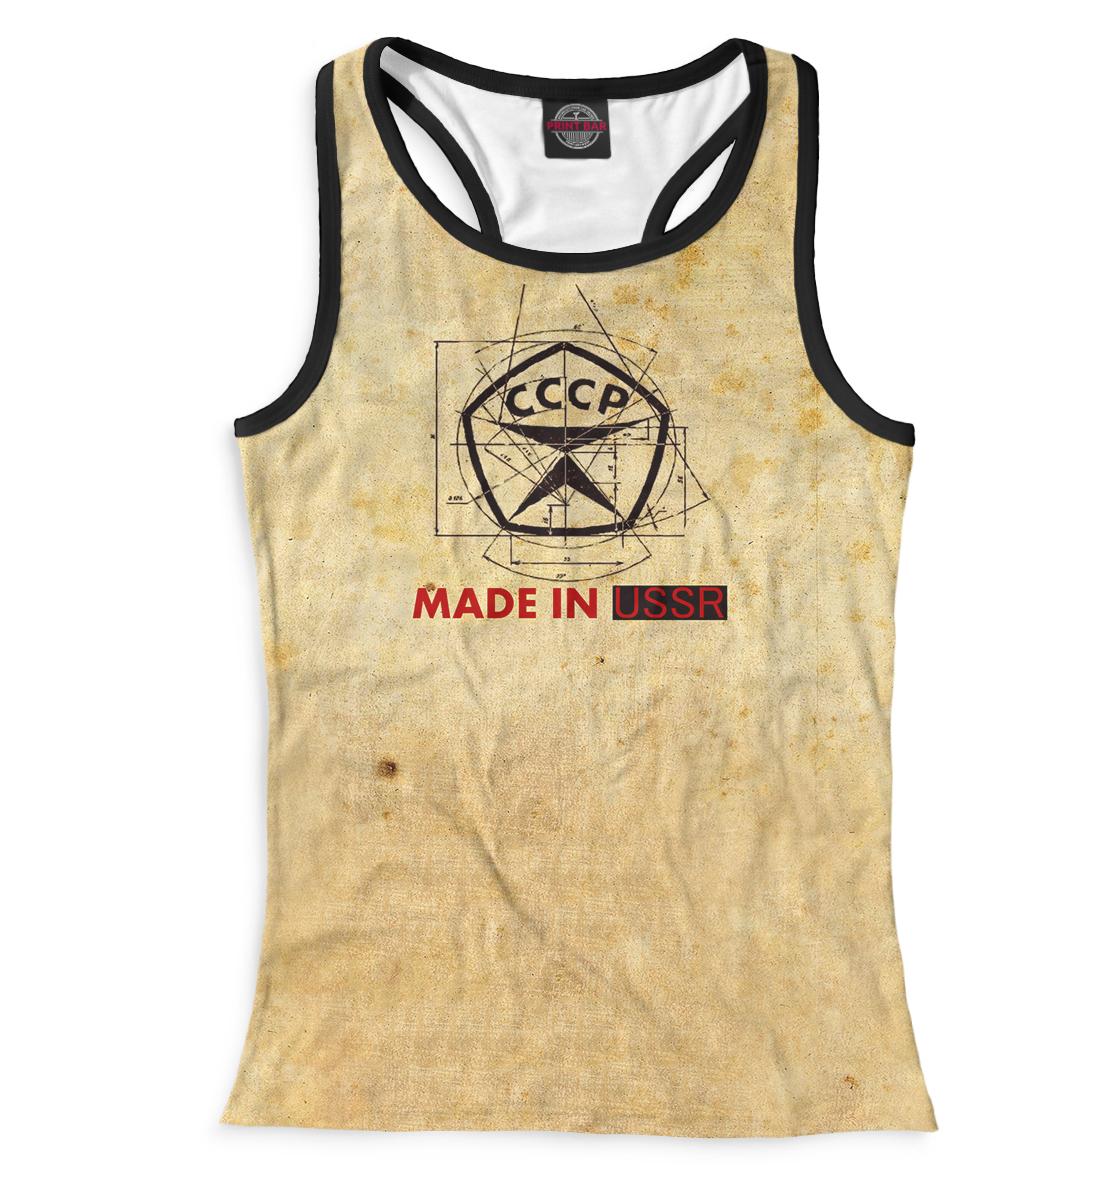 Купить Made in USSR, Printbar, Майки борцовки, VSY-926911-mayb-1